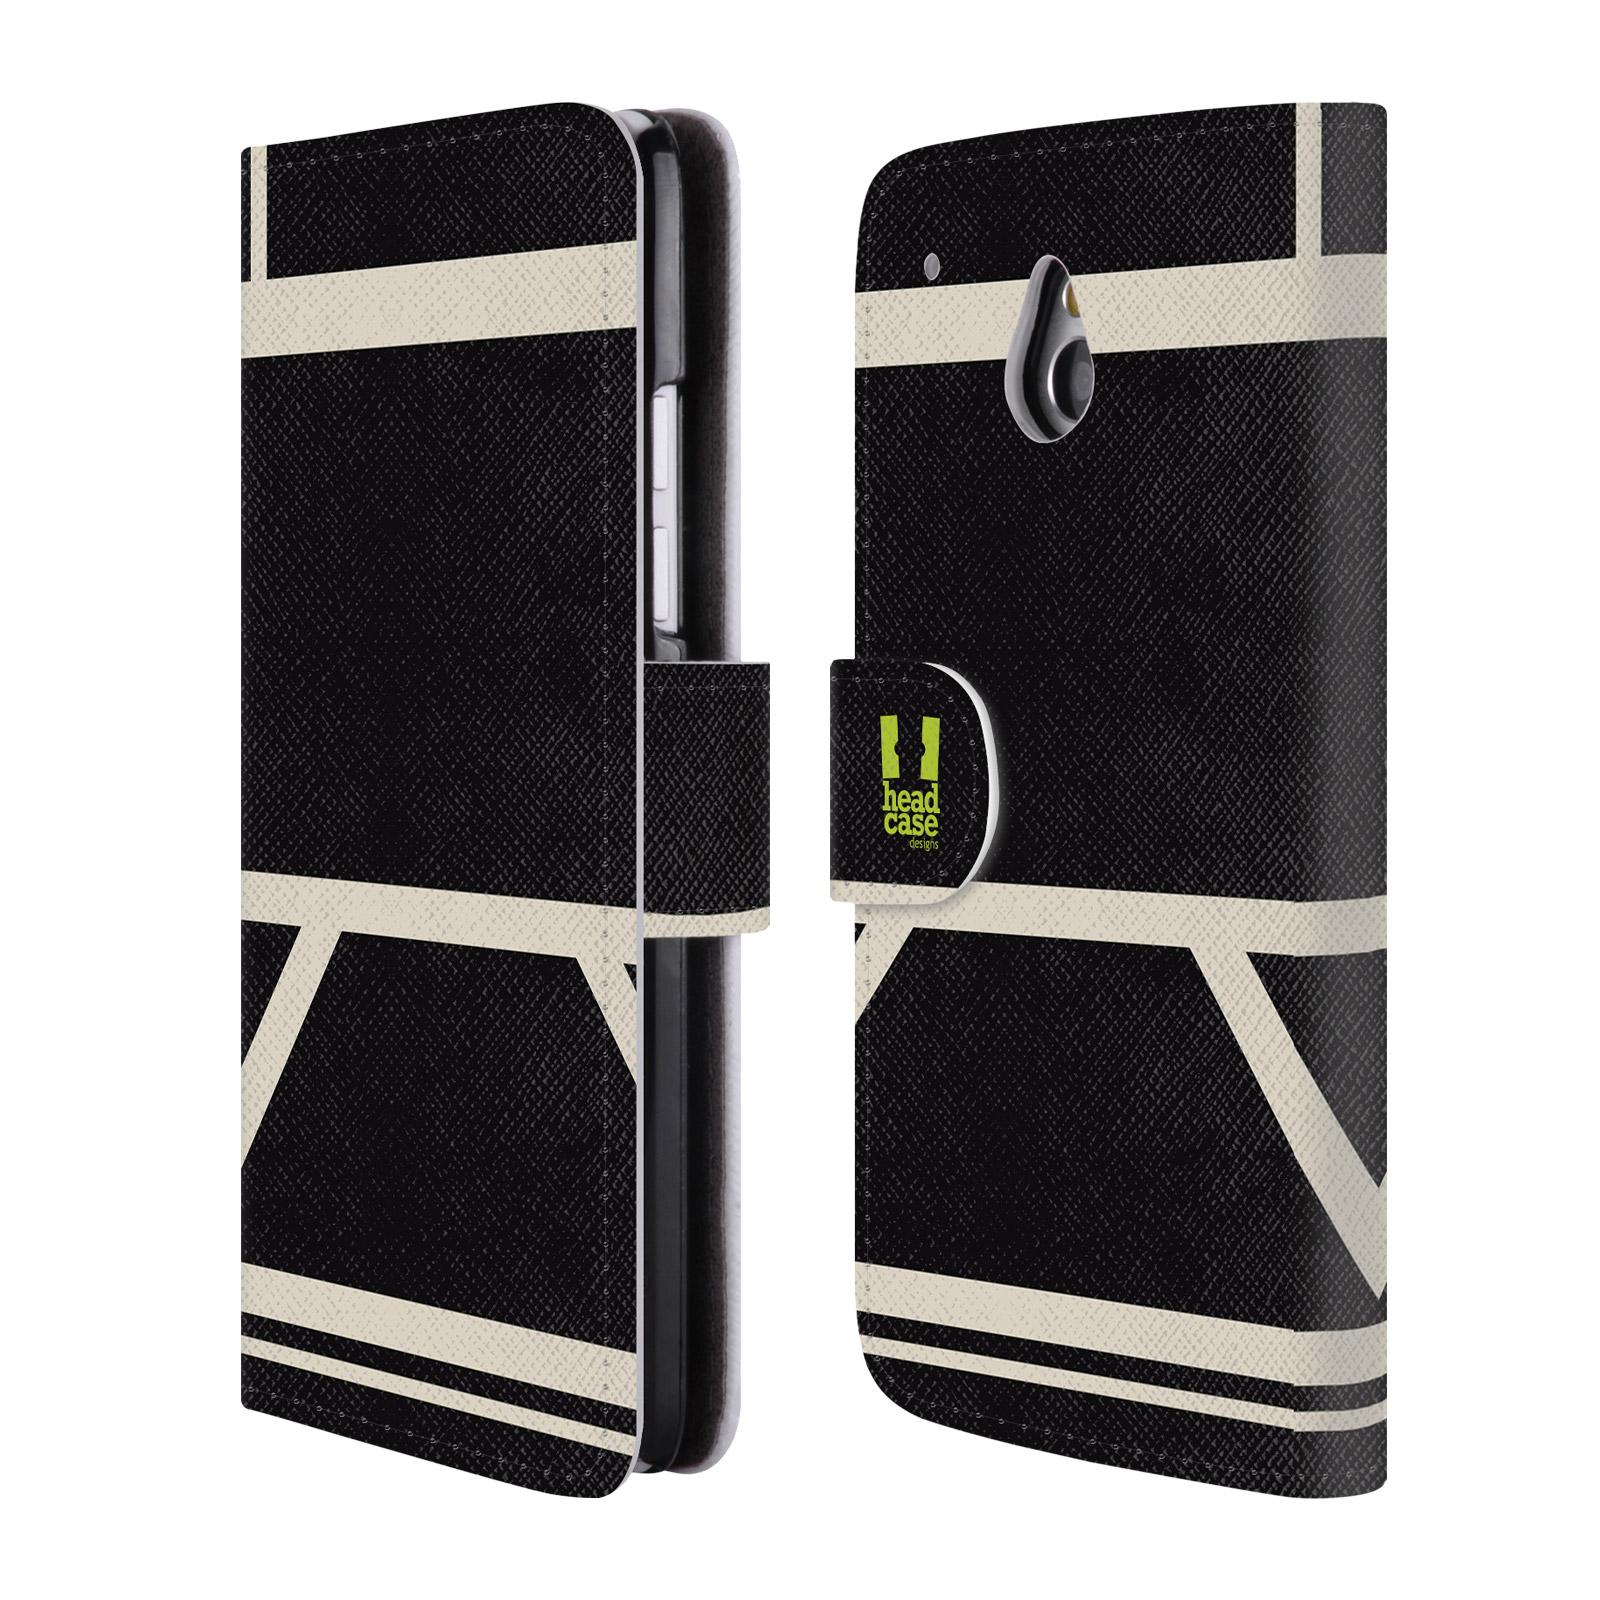 HEAD CASE Flipové pouzdro pro mobil HTC ONE MINI barevné tvary černá a bílá proužek